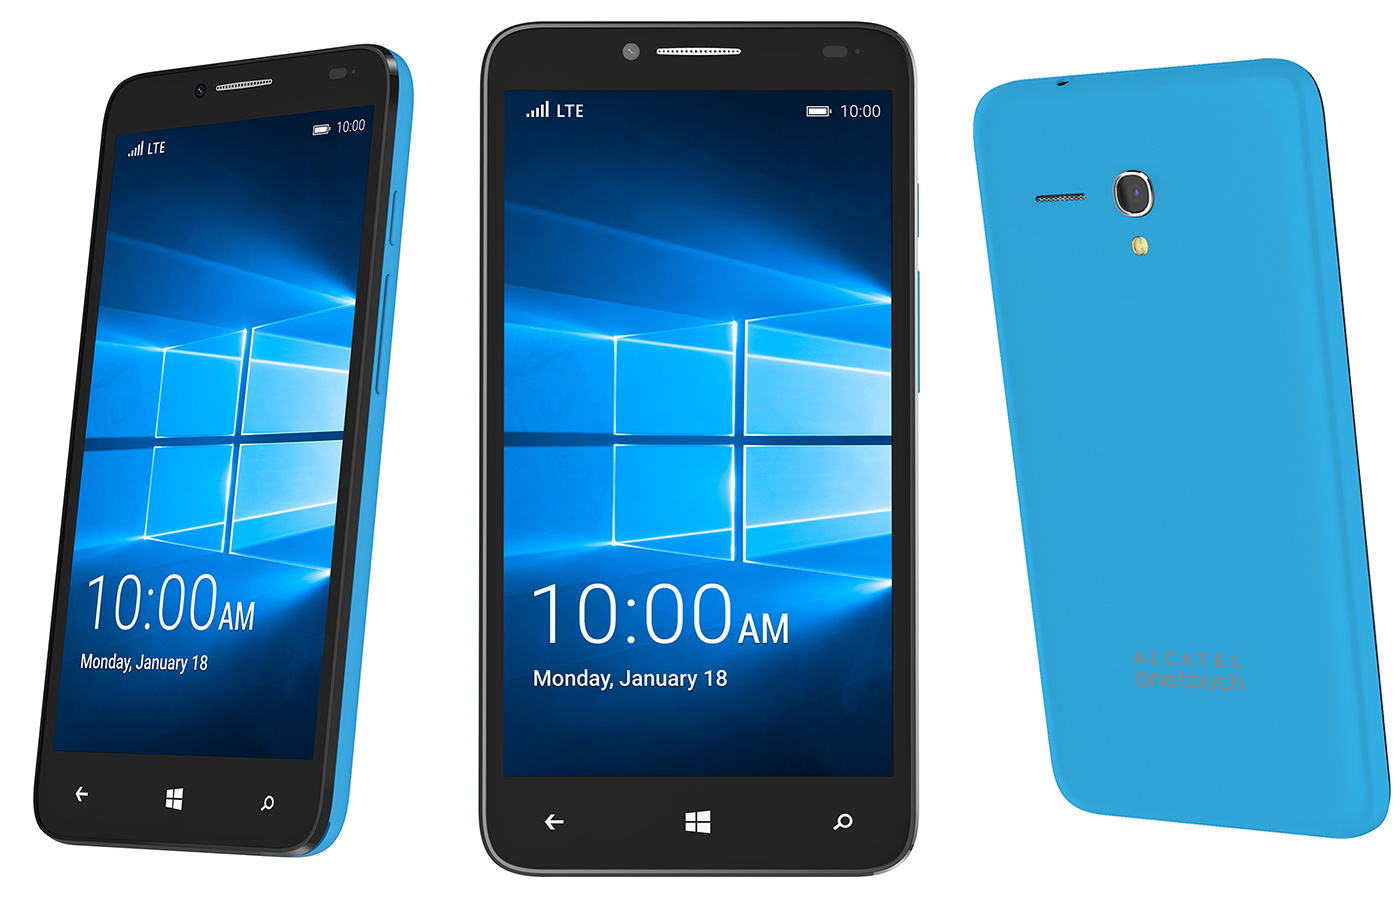 T-Mobile (EUA) se prepara para vender o Alcatel ÍDOLO 4S com o Windows 10 Mobile